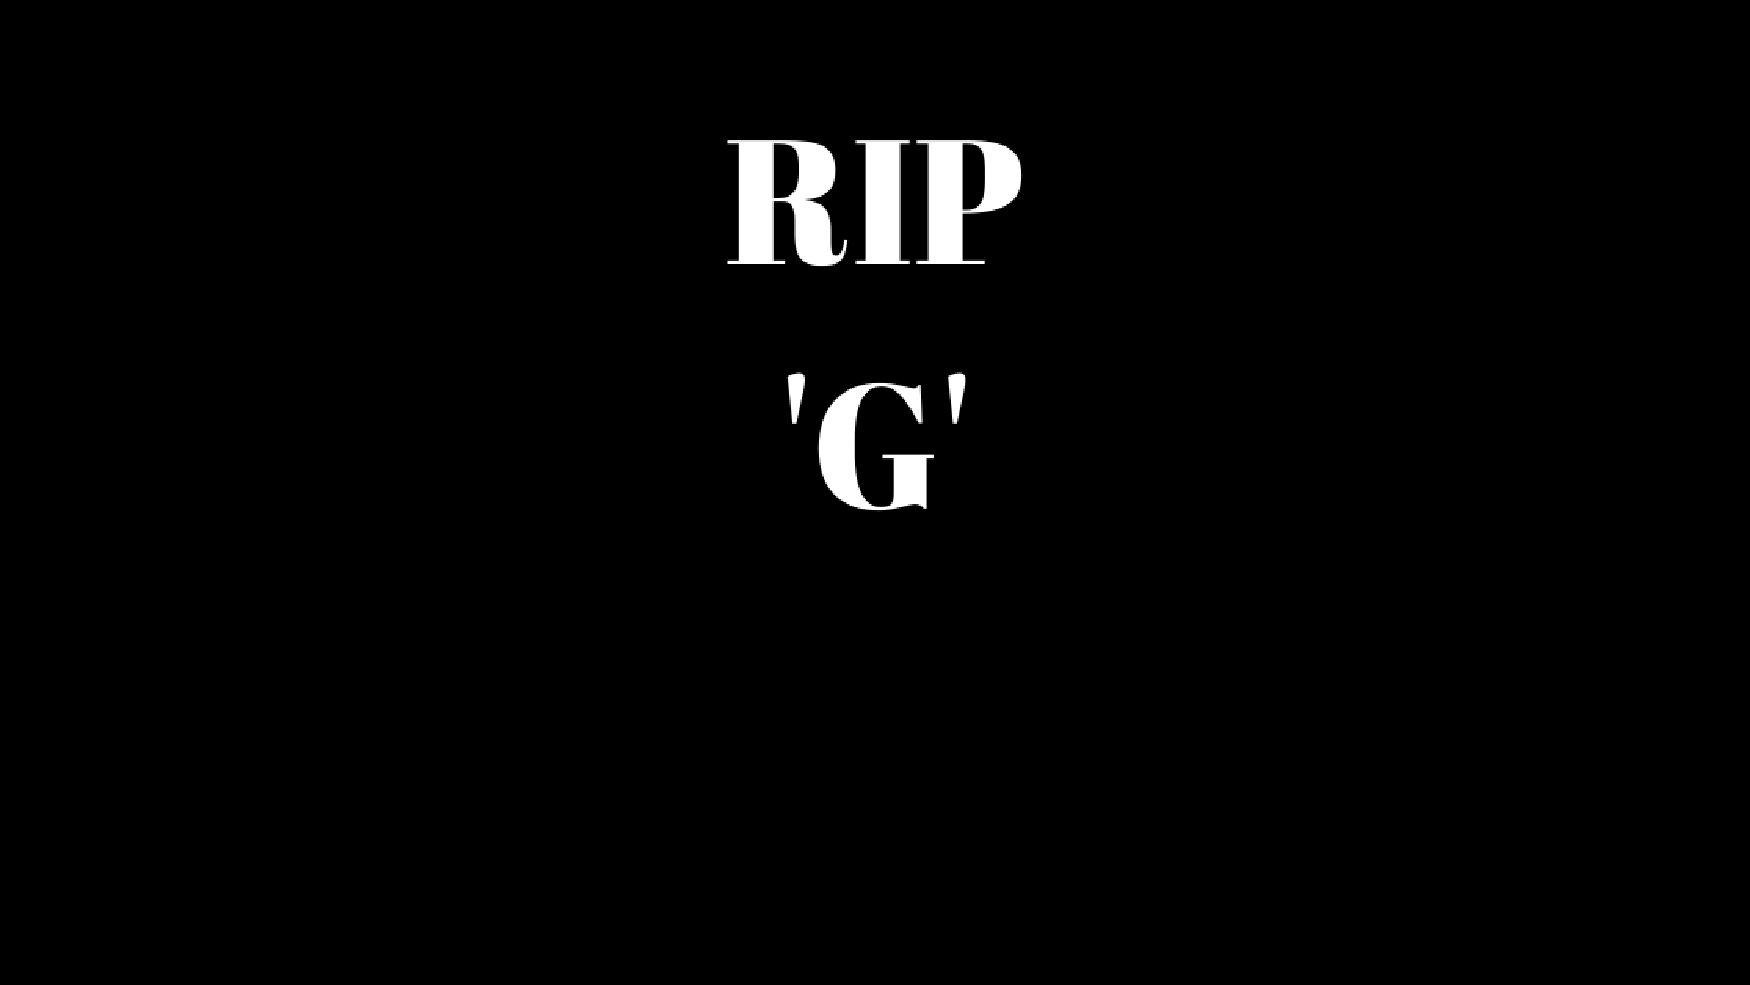 RIP G